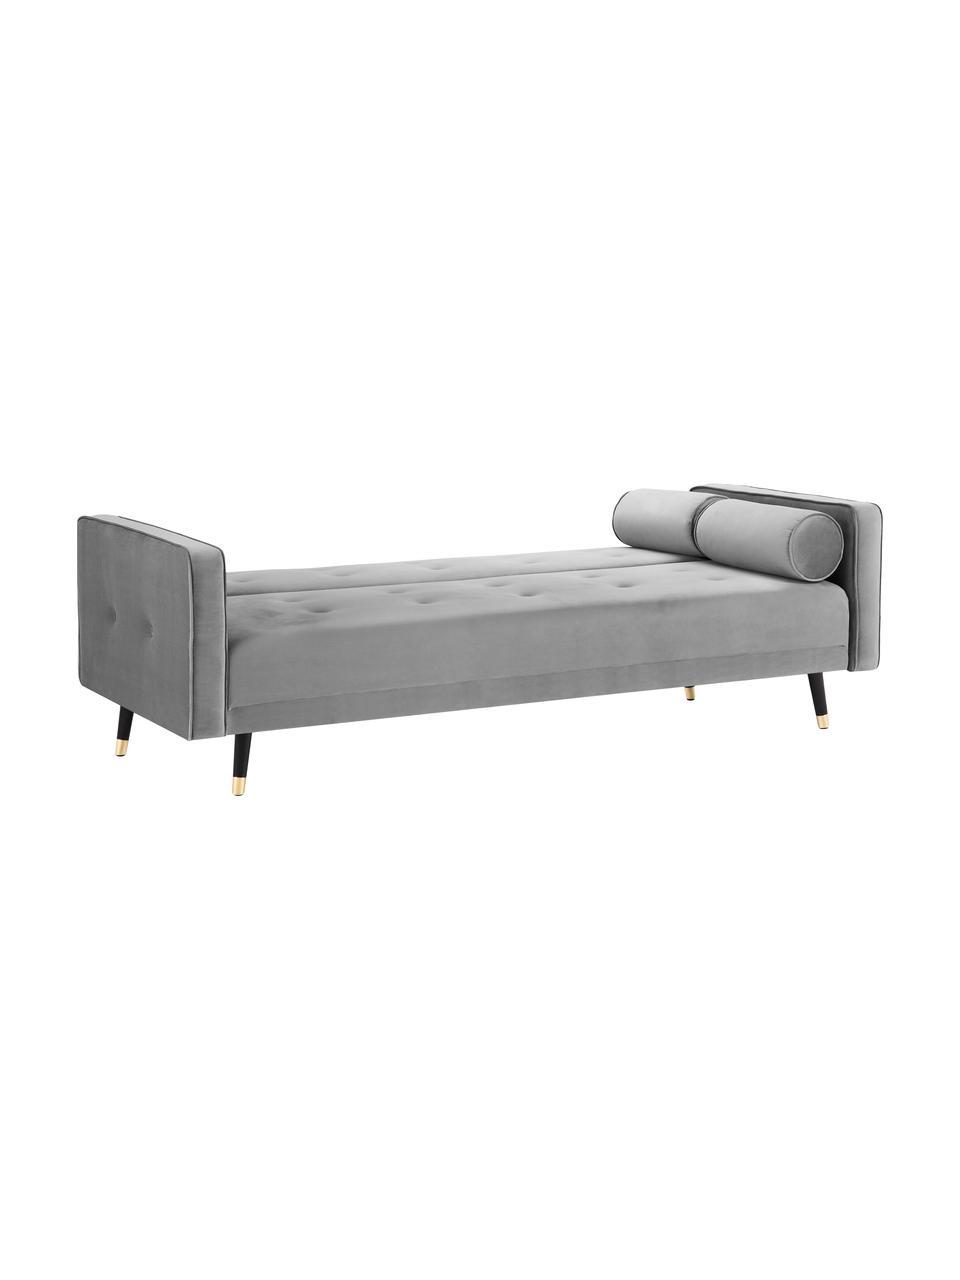 Sofa z aksamitu z funkcją spania i drewnianymi nogami Gia (3-osobowa), Tapicerka: aksamit poliestrowy Dzięk, Nogi: drewno bukowe, lakierowan, Aksamitny jasny szary, S 212 x G 93 cm